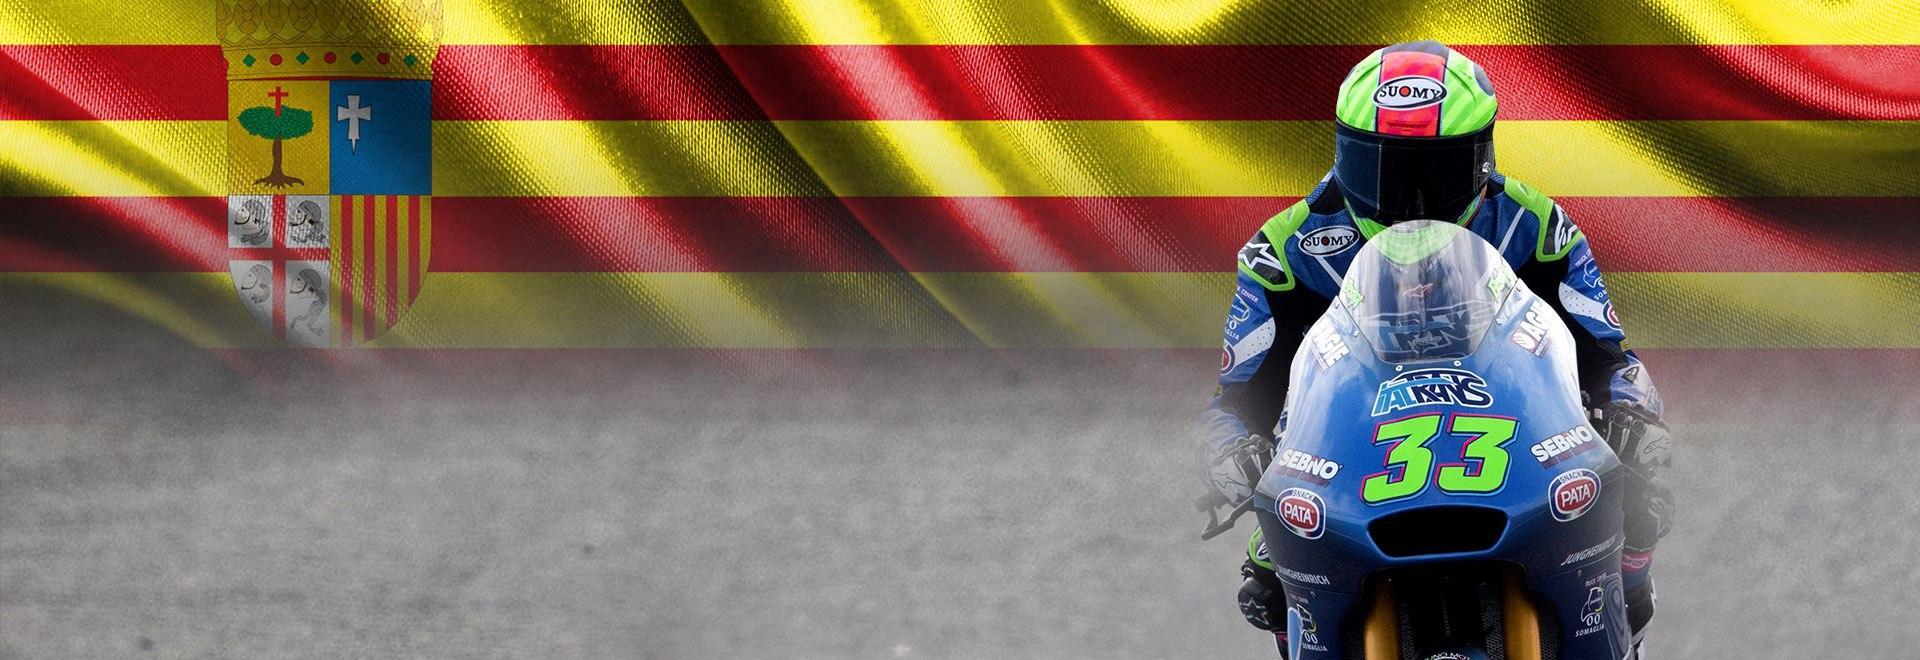 GP Teruel. PL3